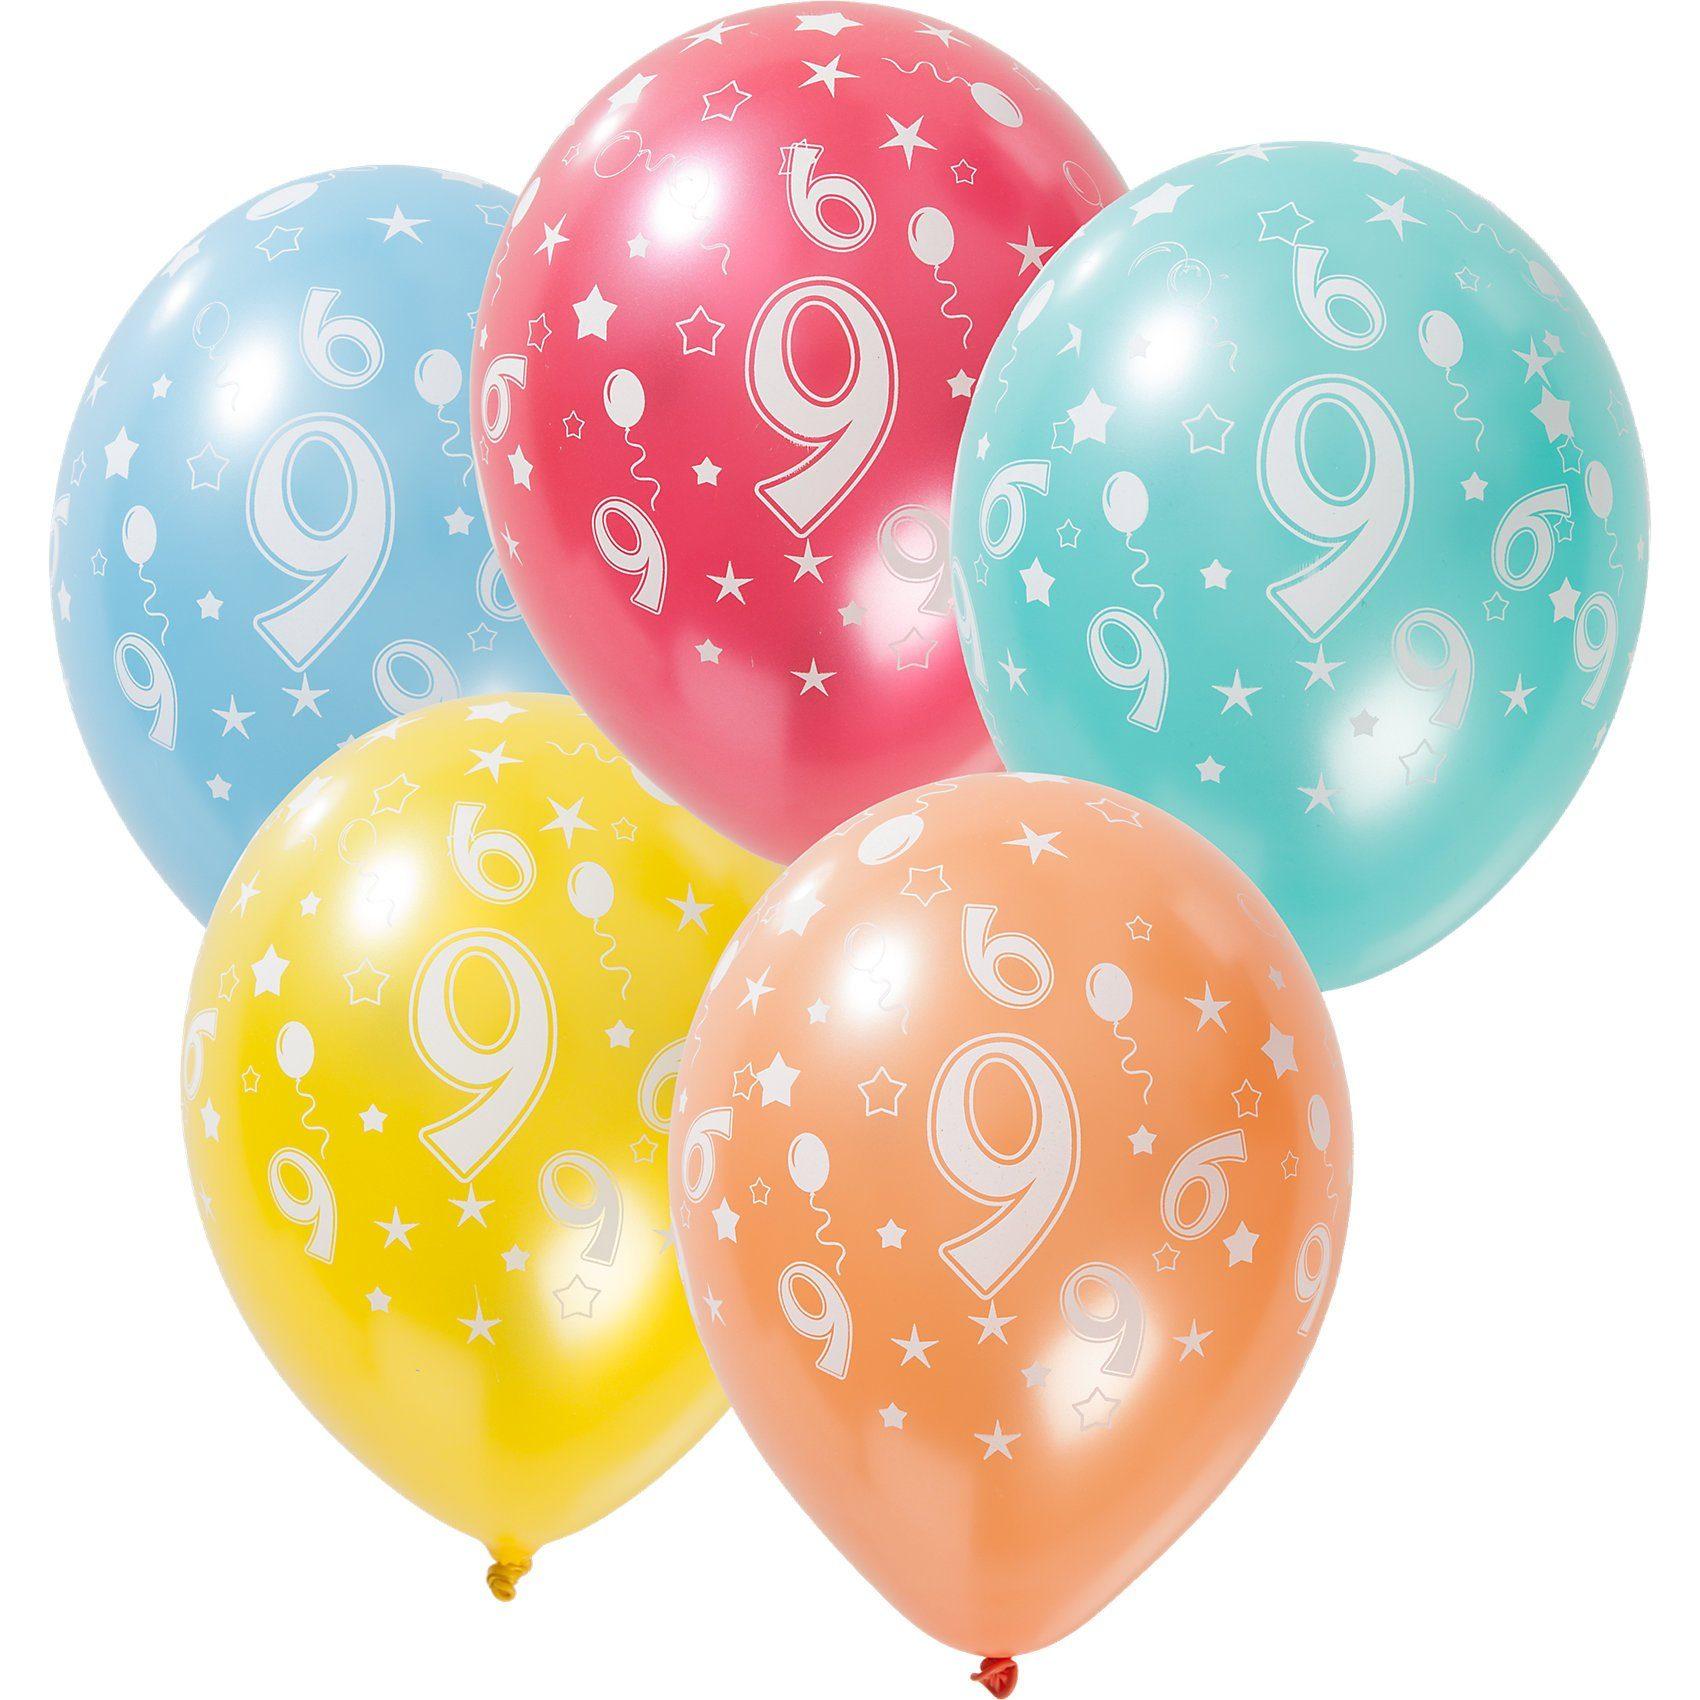 Zahlenluftballon 9, 5 Stück